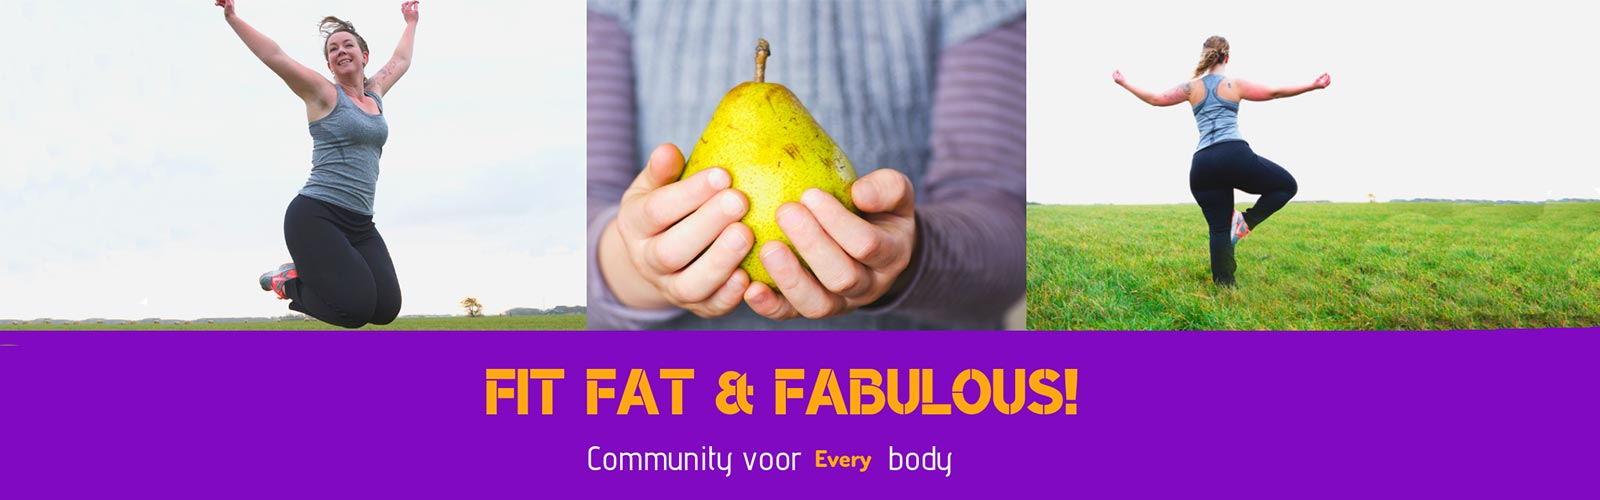 Header-Fat-en-Fabulous